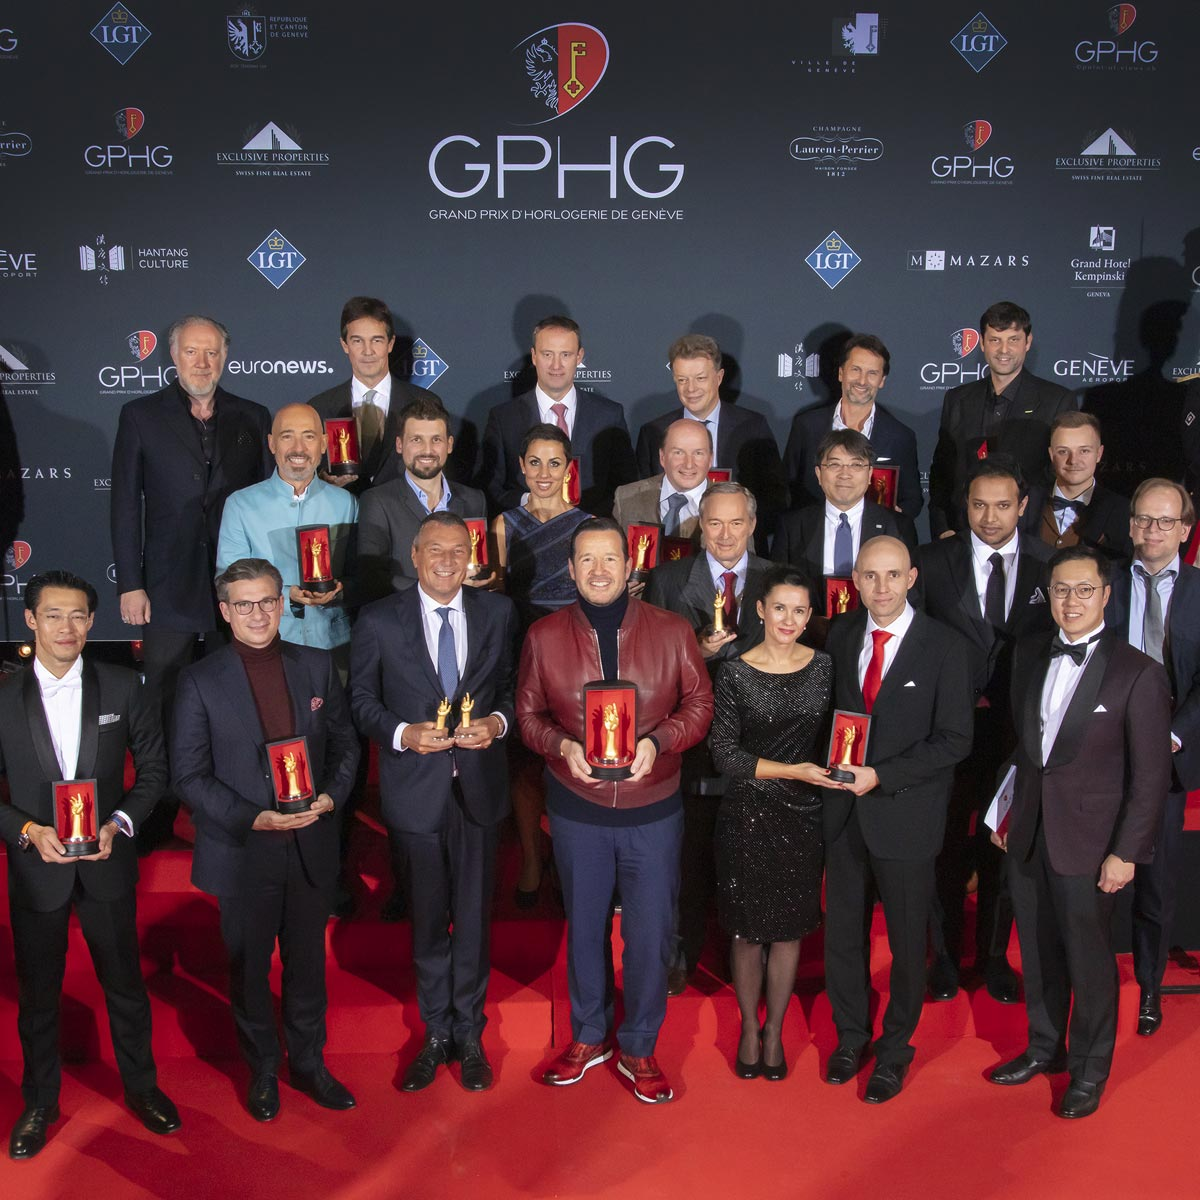 La Cote des Montres : Photo - Grand Prix d'Horlogerie de Genève 2019 - Palmarès 2019